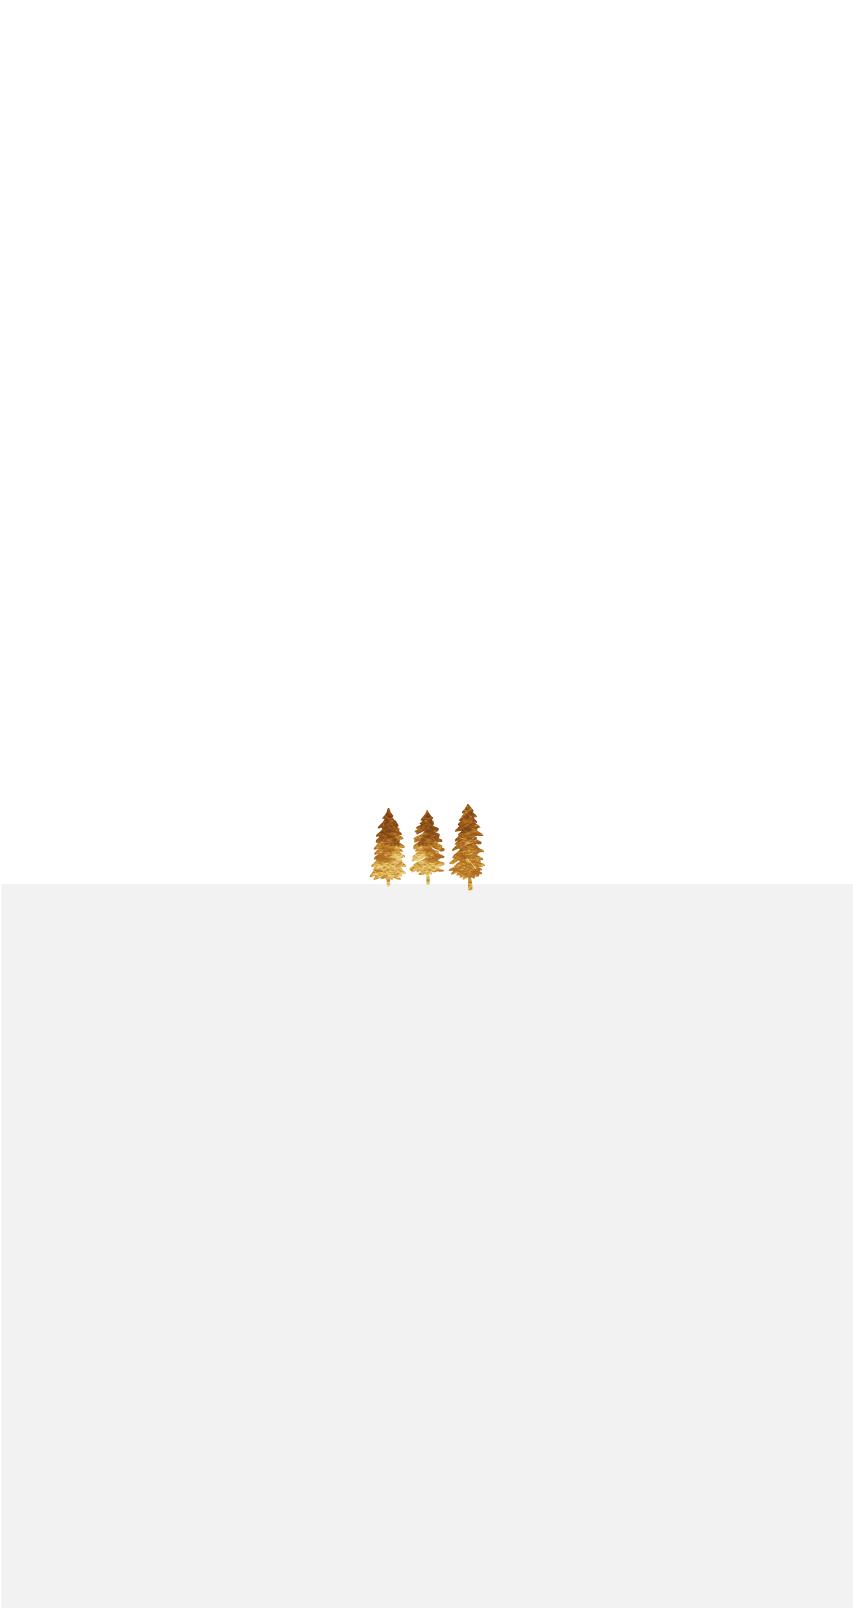 Drei Goldene Bäume auf einer grauen Fläche